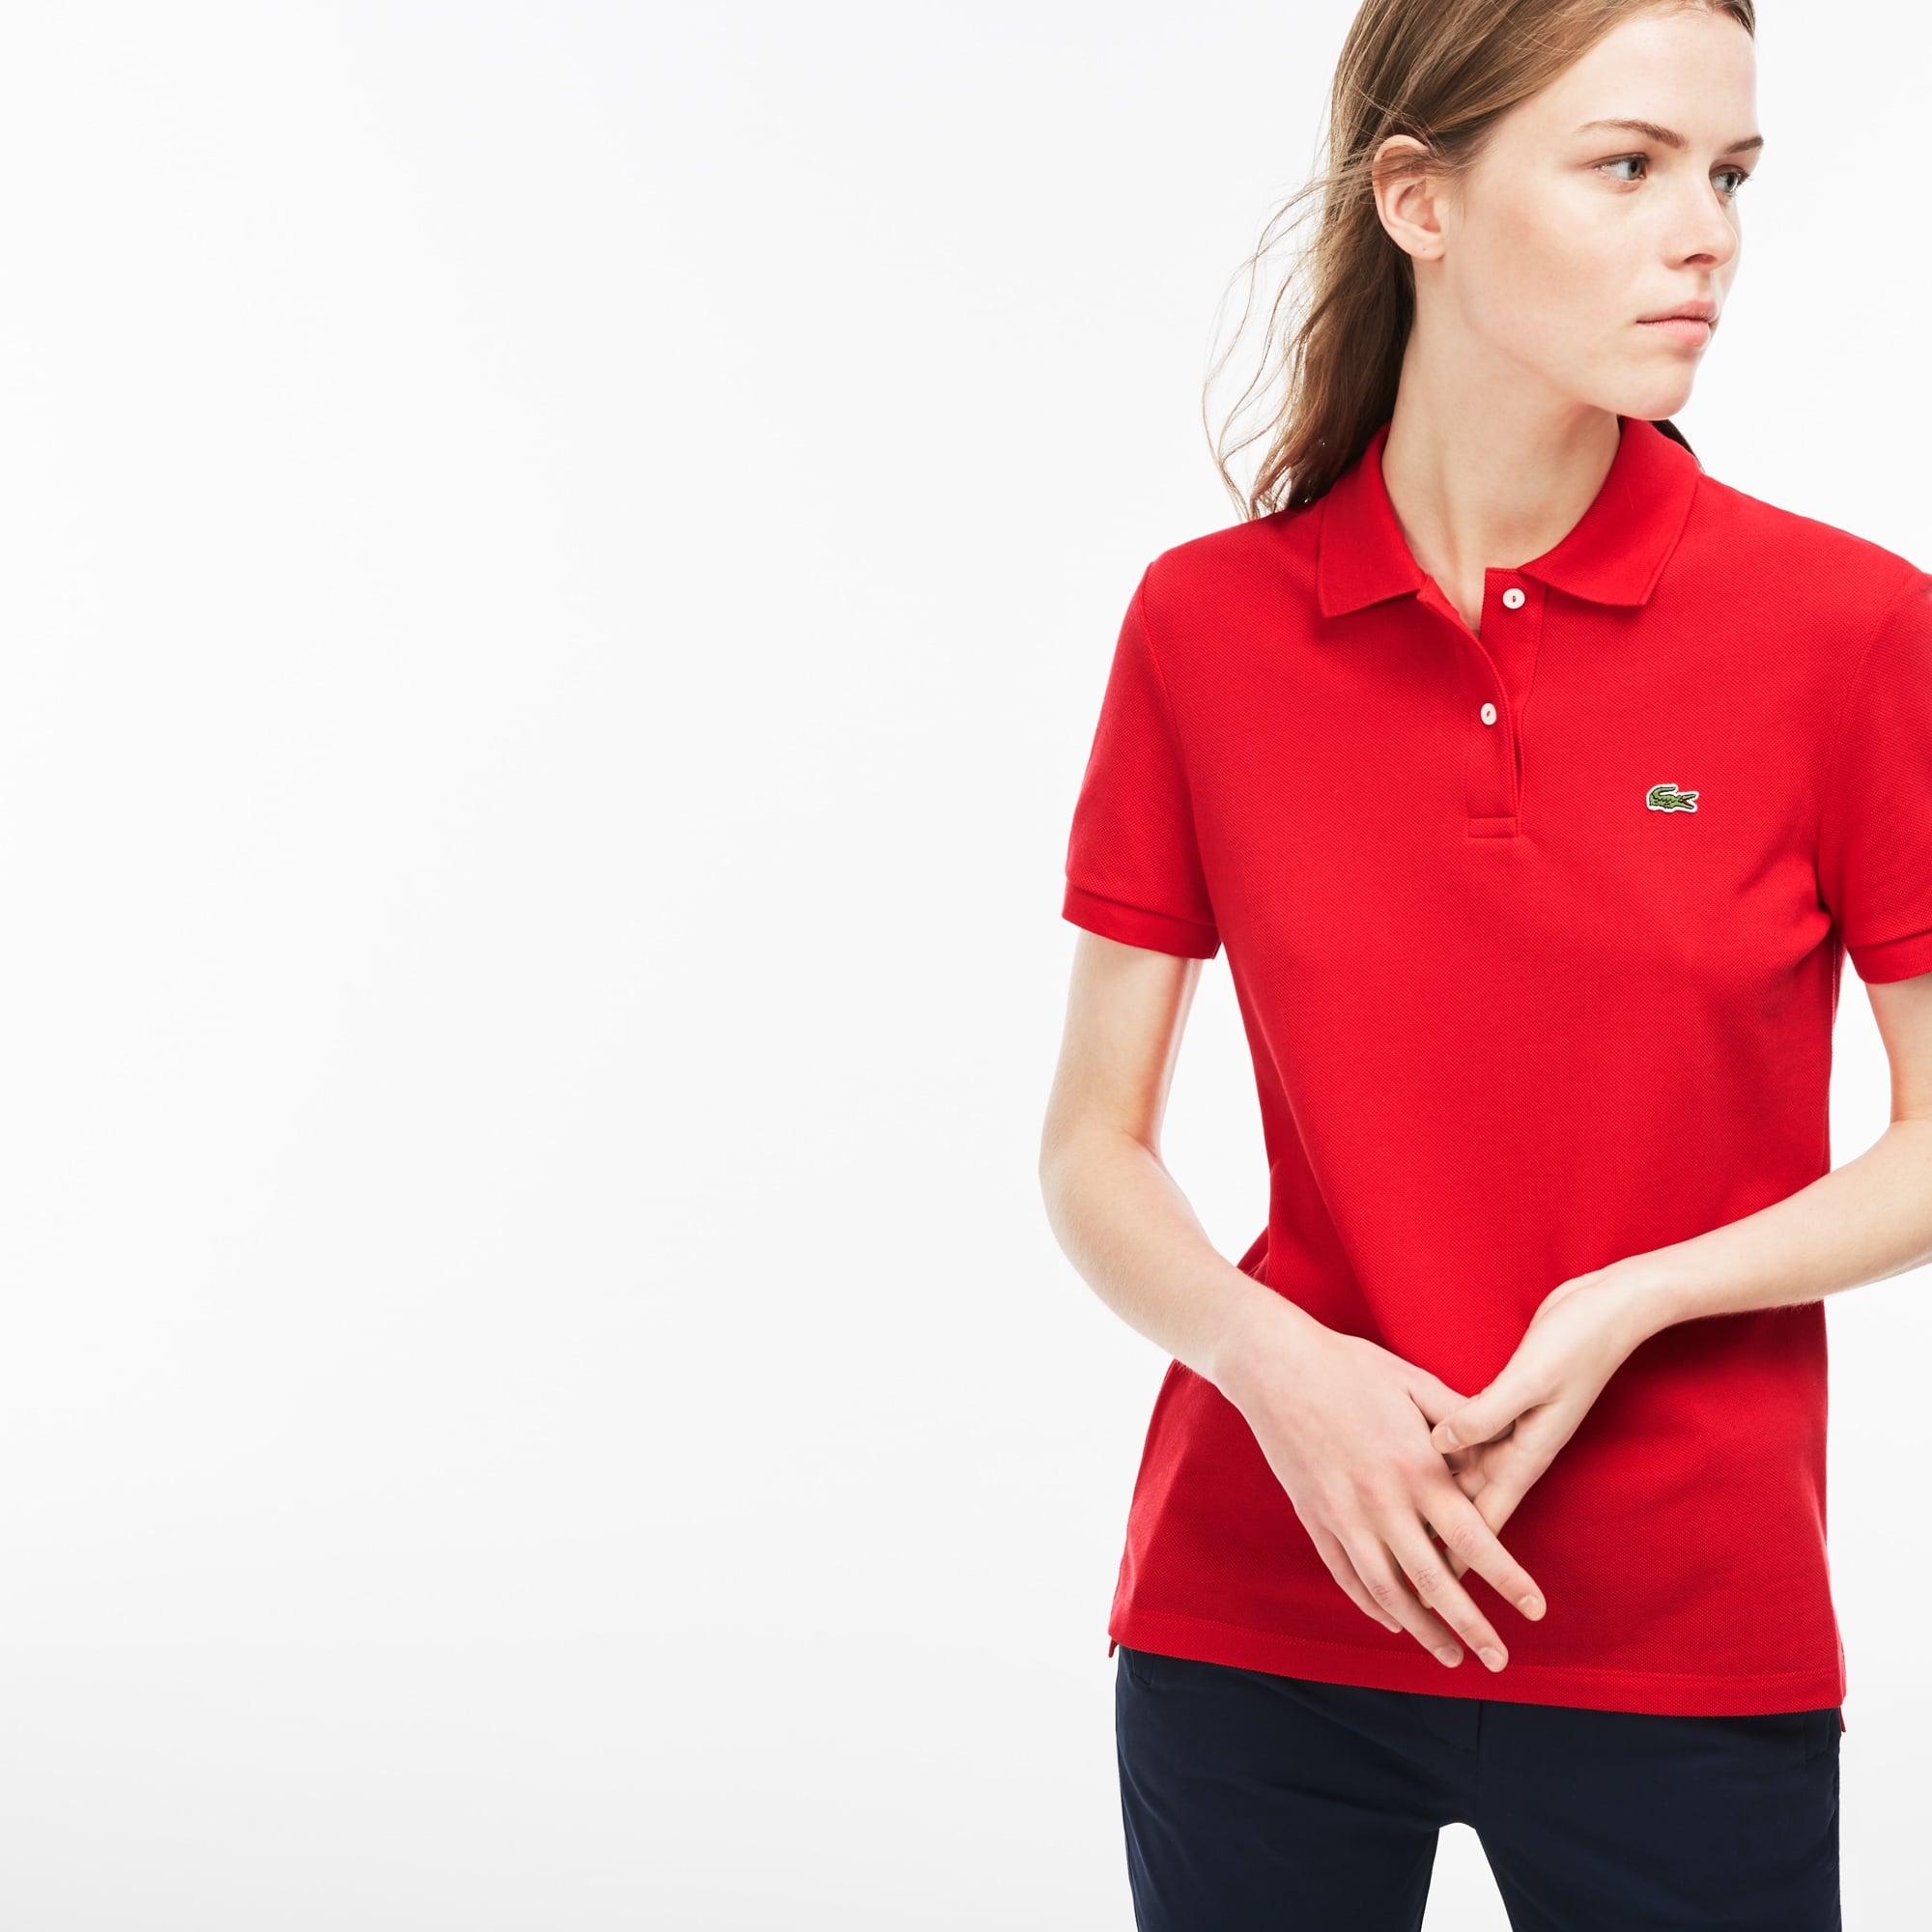 Women's Lacoste Classic Fit Soft Cotton Petit Piqué Polo Shirt